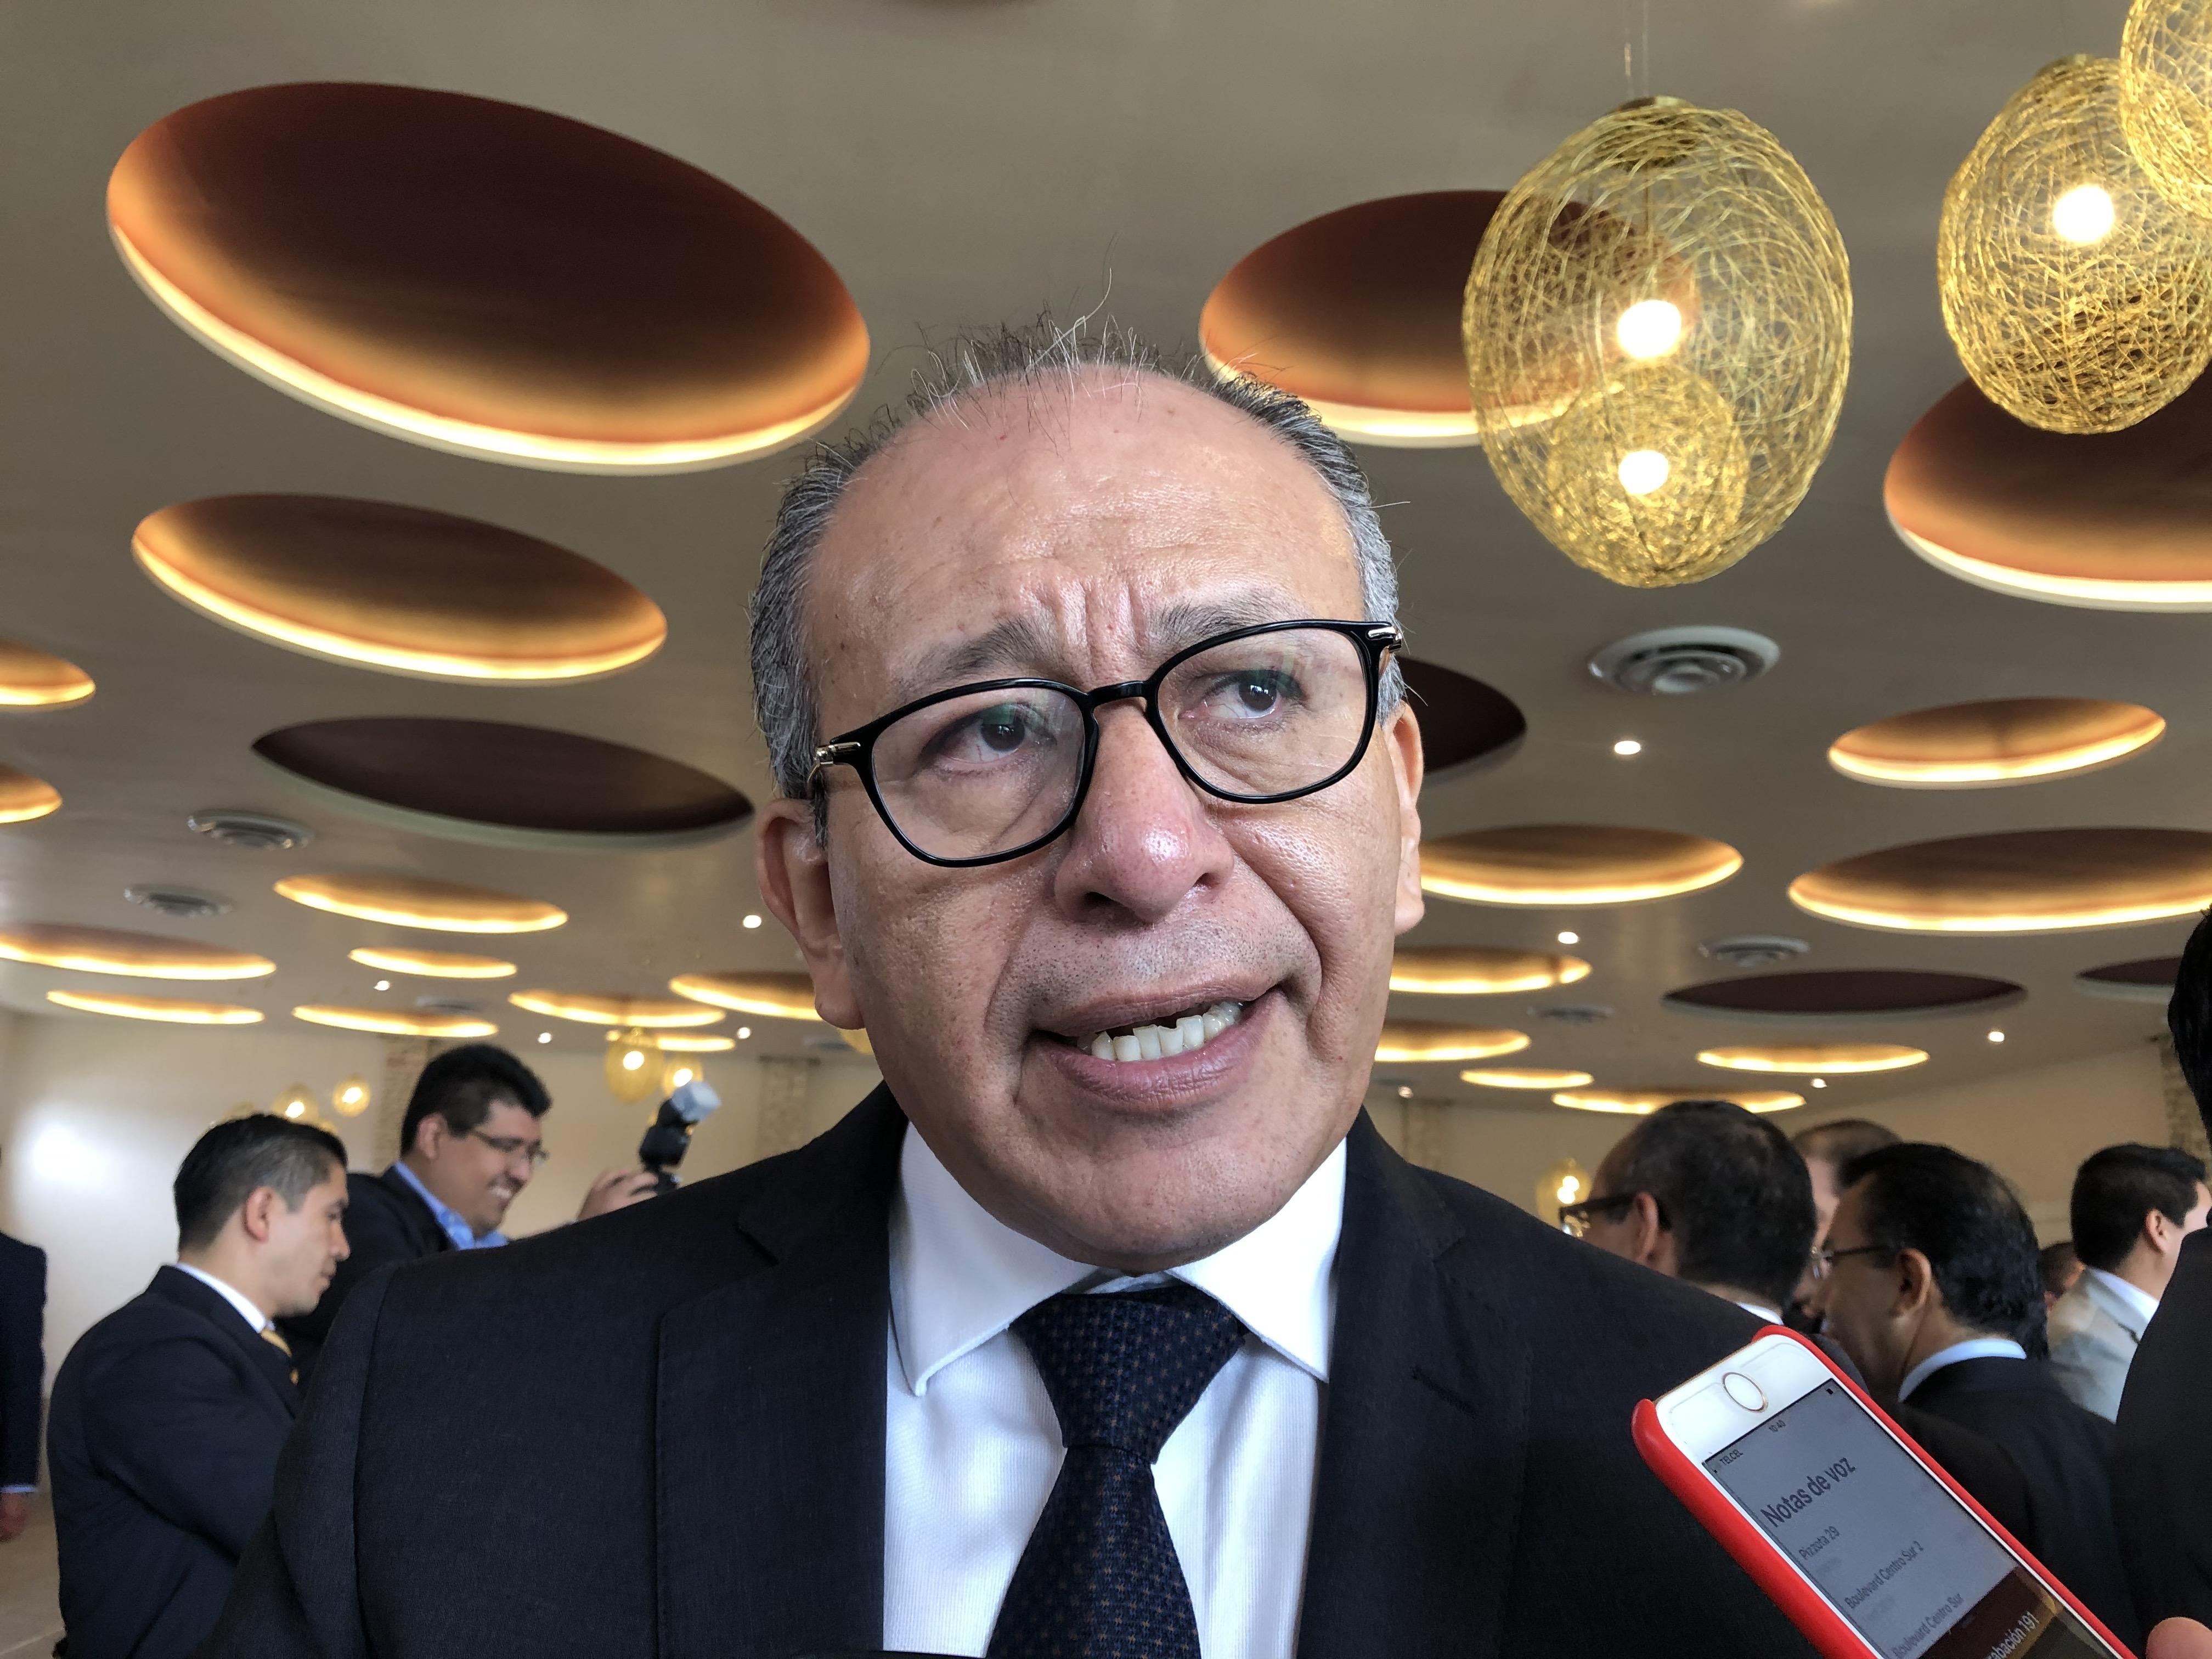 Asistencia a reuniones de seguridad es mera burocracia, sugiere Juan Martín Granados